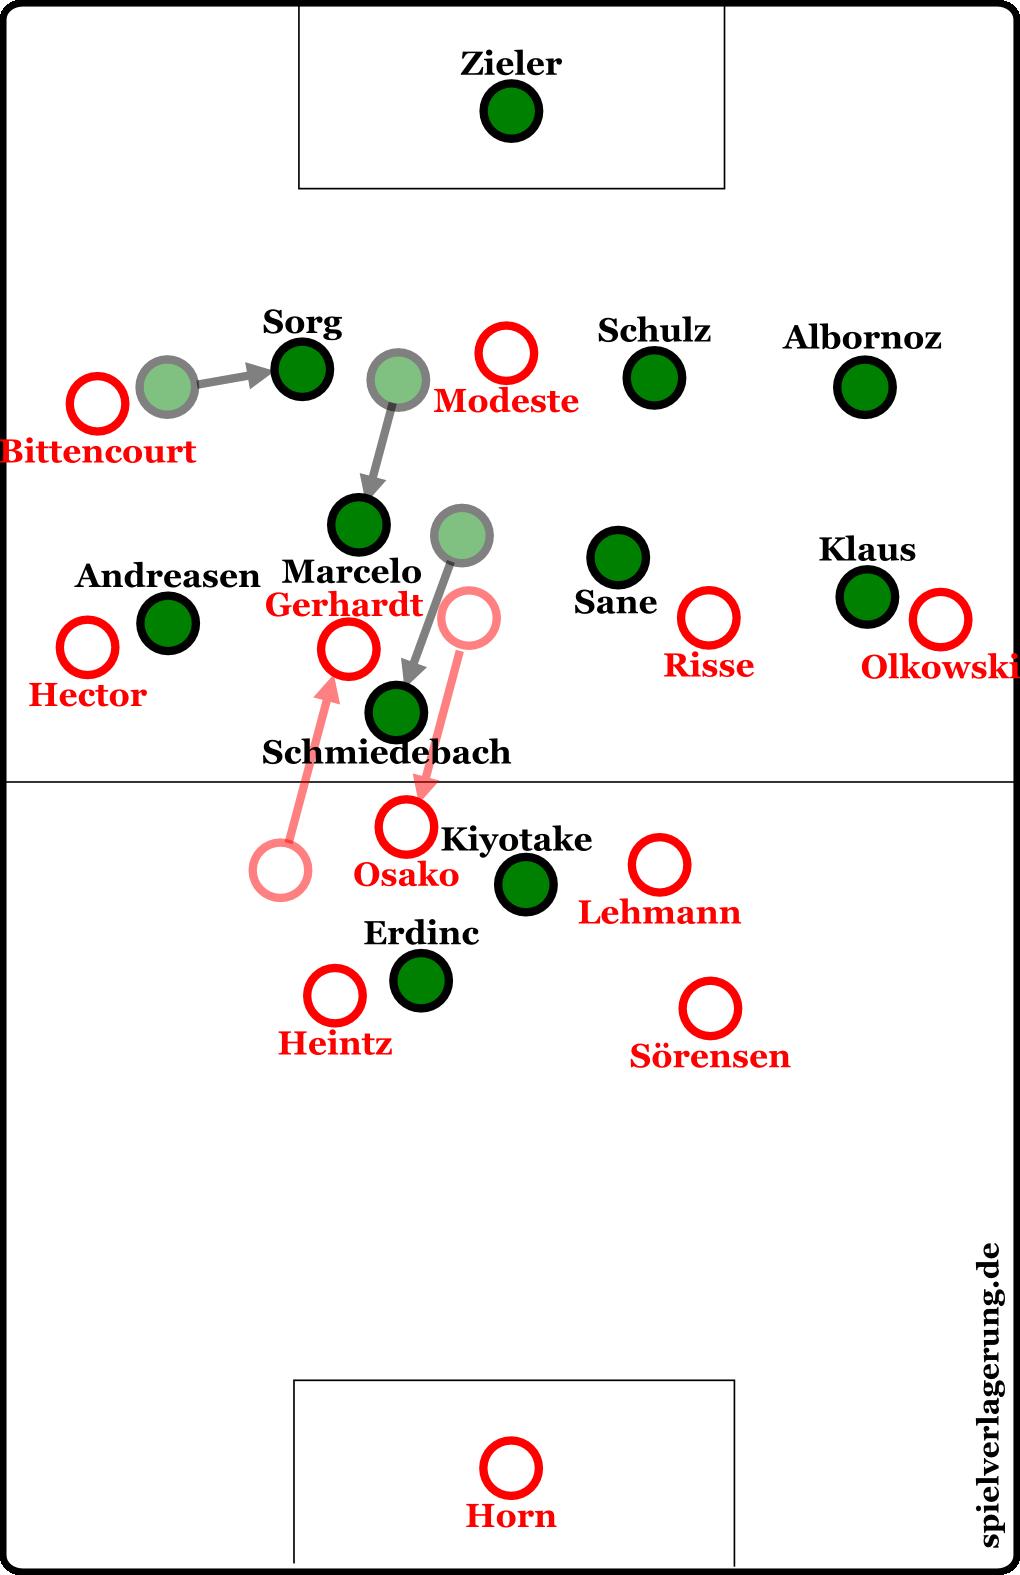 Kölns Spielidee: Osako zieht Schmiedebach mit sich, Sane muss auf Risse achten. Gerhardt stößt nach vorne und zieht Marcelo aus der Kette, wodurch wiederum Sorg einrücken muss. Und schon ist Platz auf dem linken Flügel für Bittencourt.